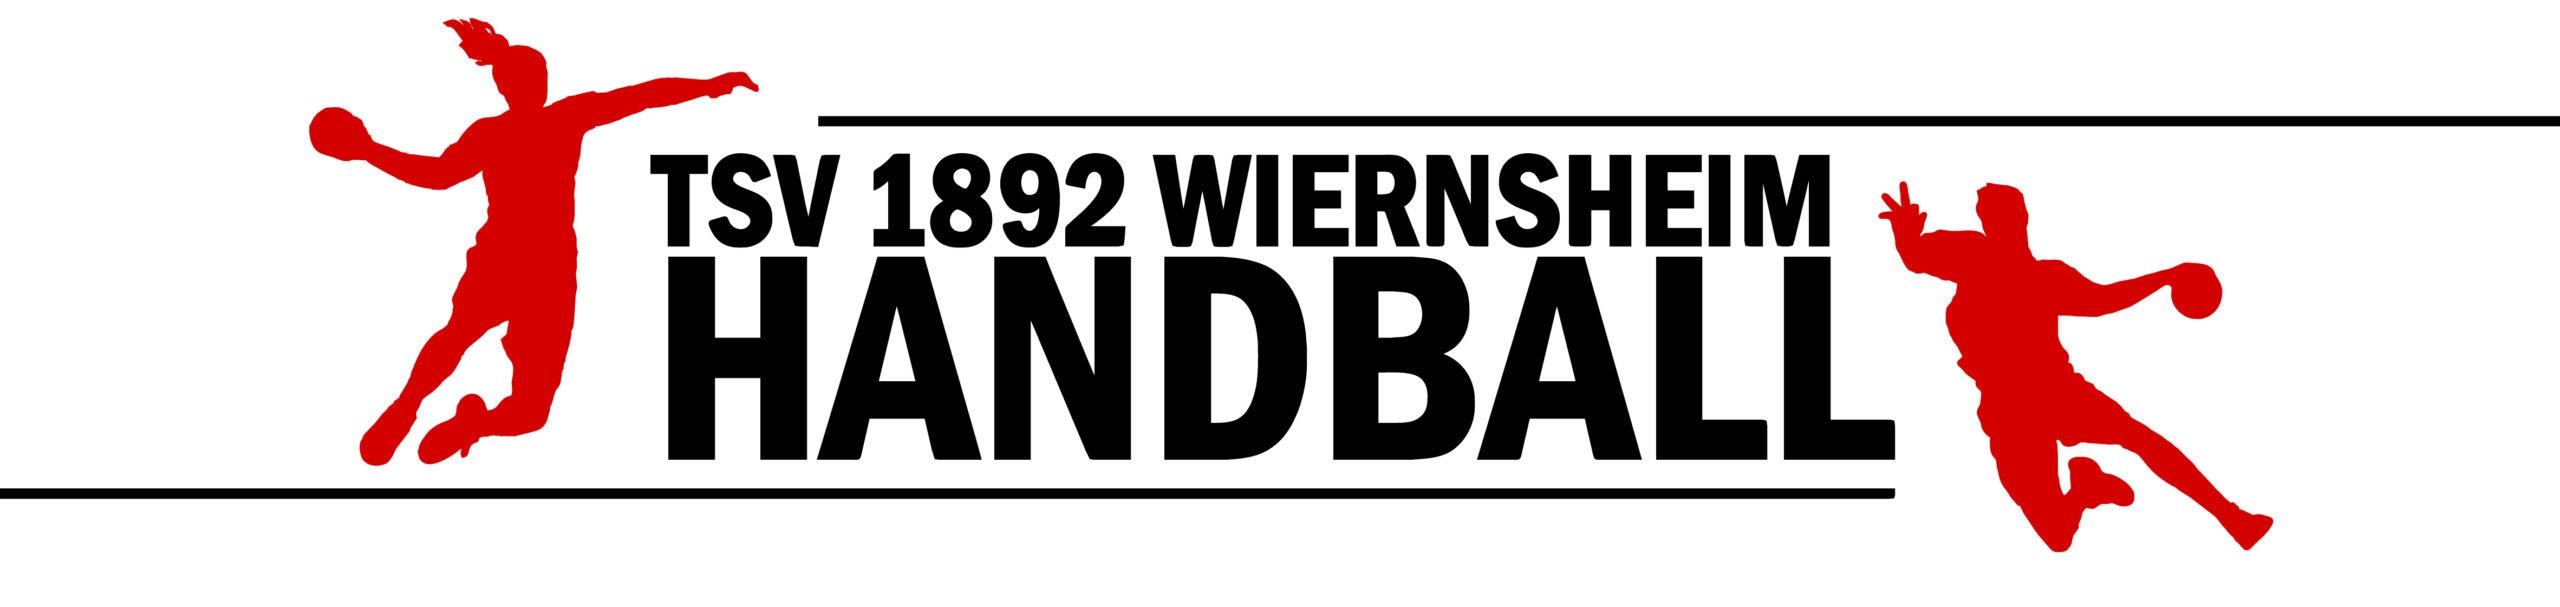 Handball Header 2021-01